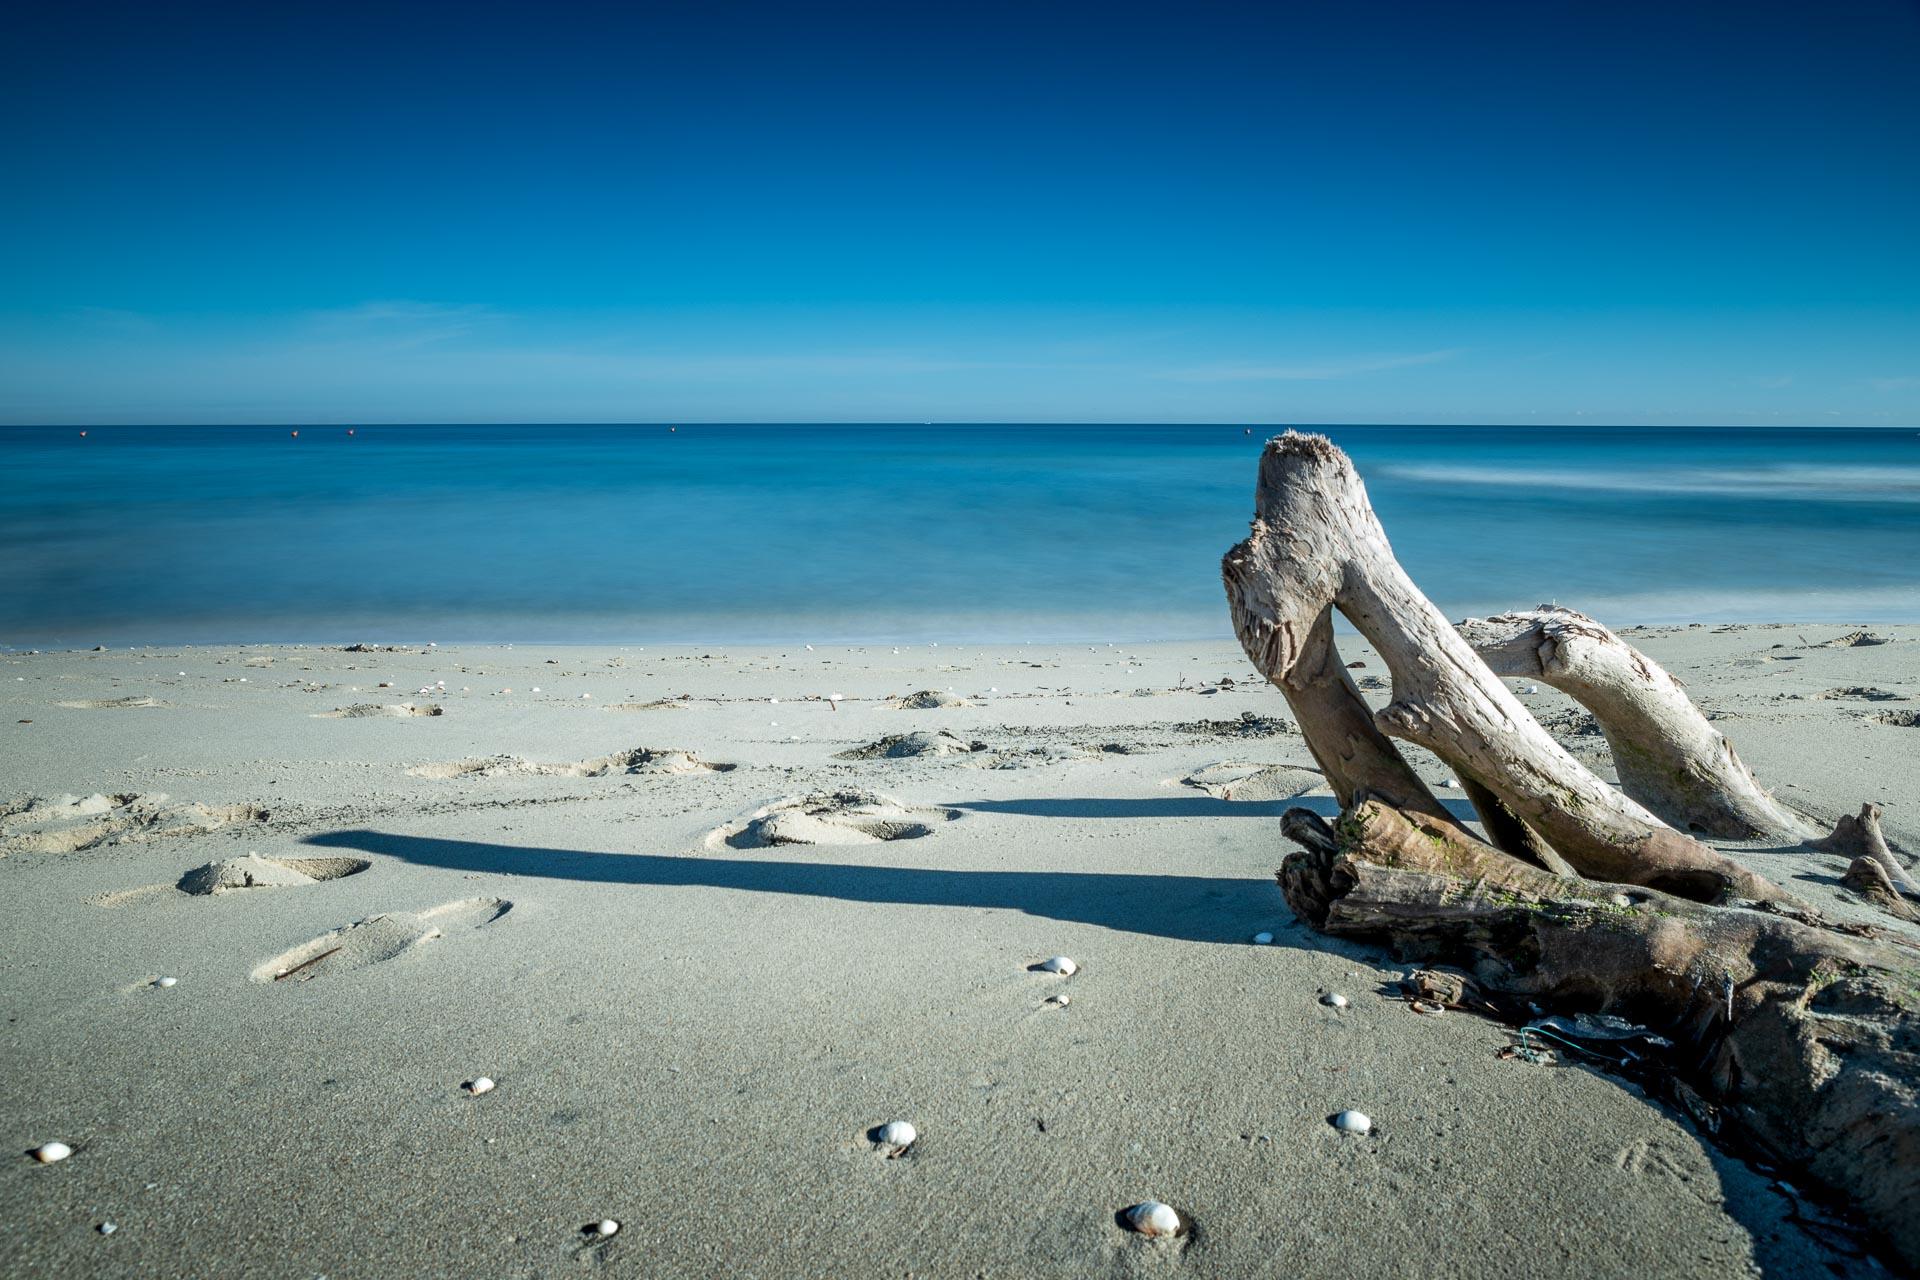 Un tronco sulla spiaggi d'inverno, seascape long exposure photography